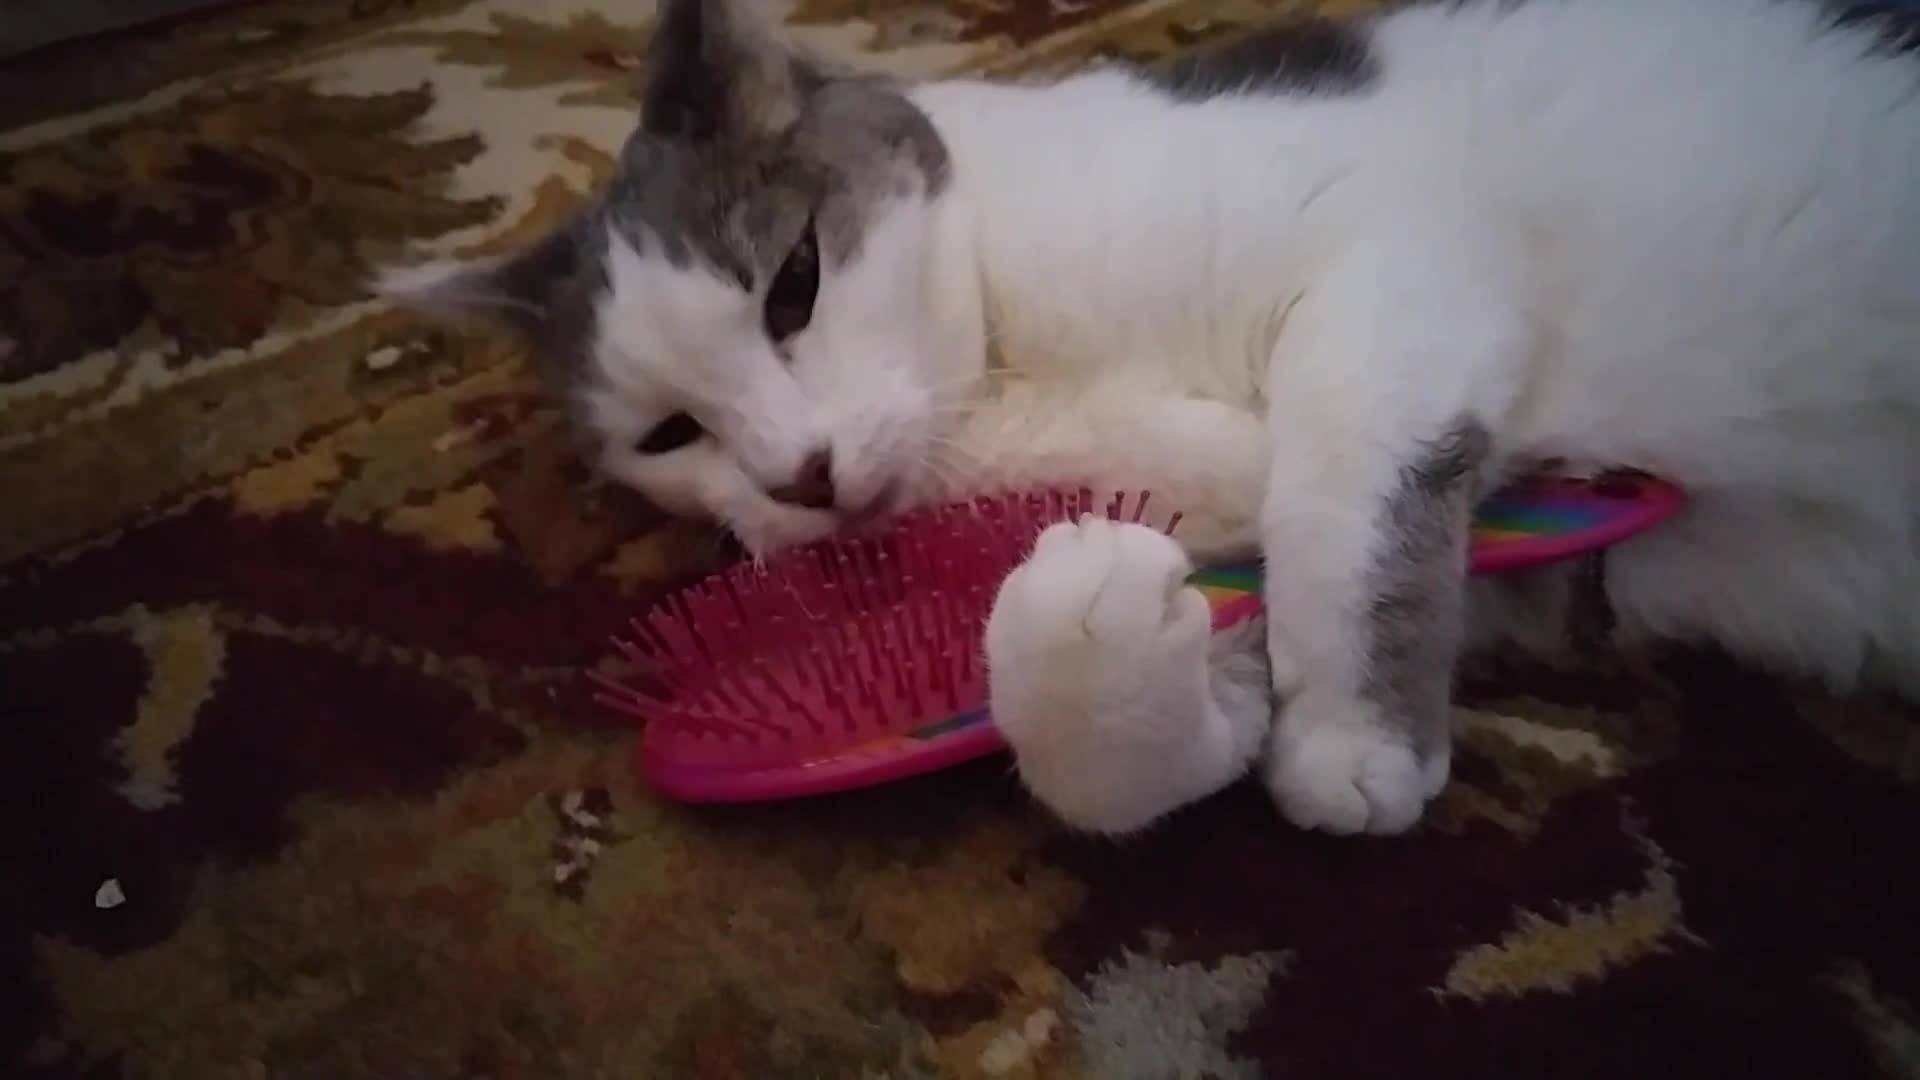 brushybrushy, petbehavior, seniorkitties, Seek brushing herself GIFs